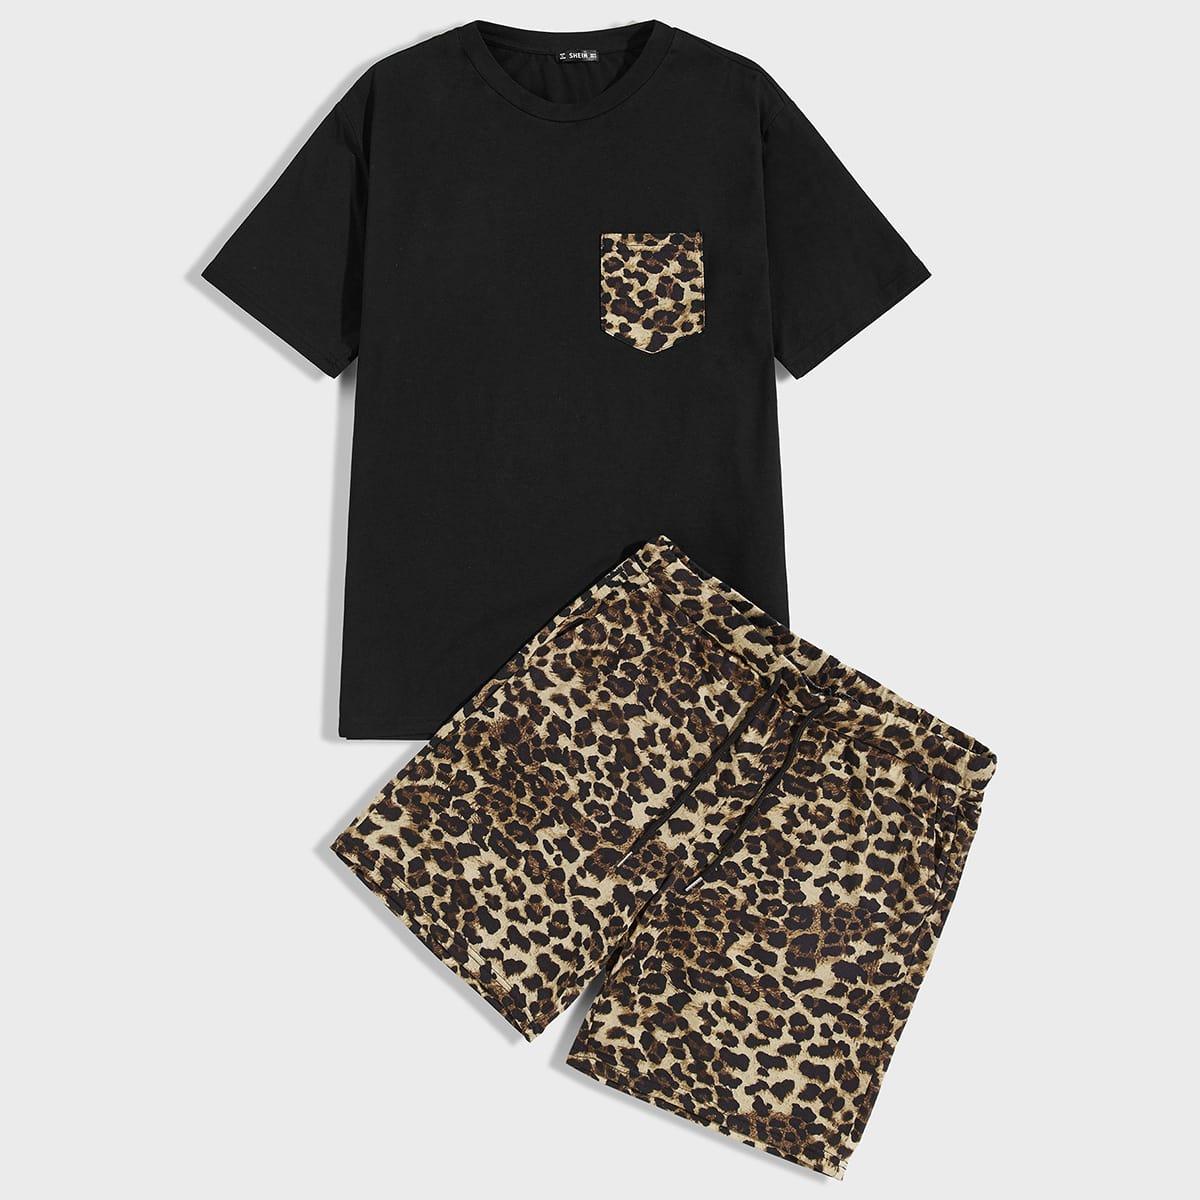 Мужские шорты и футболка с леопардовым принтом от SHEIN